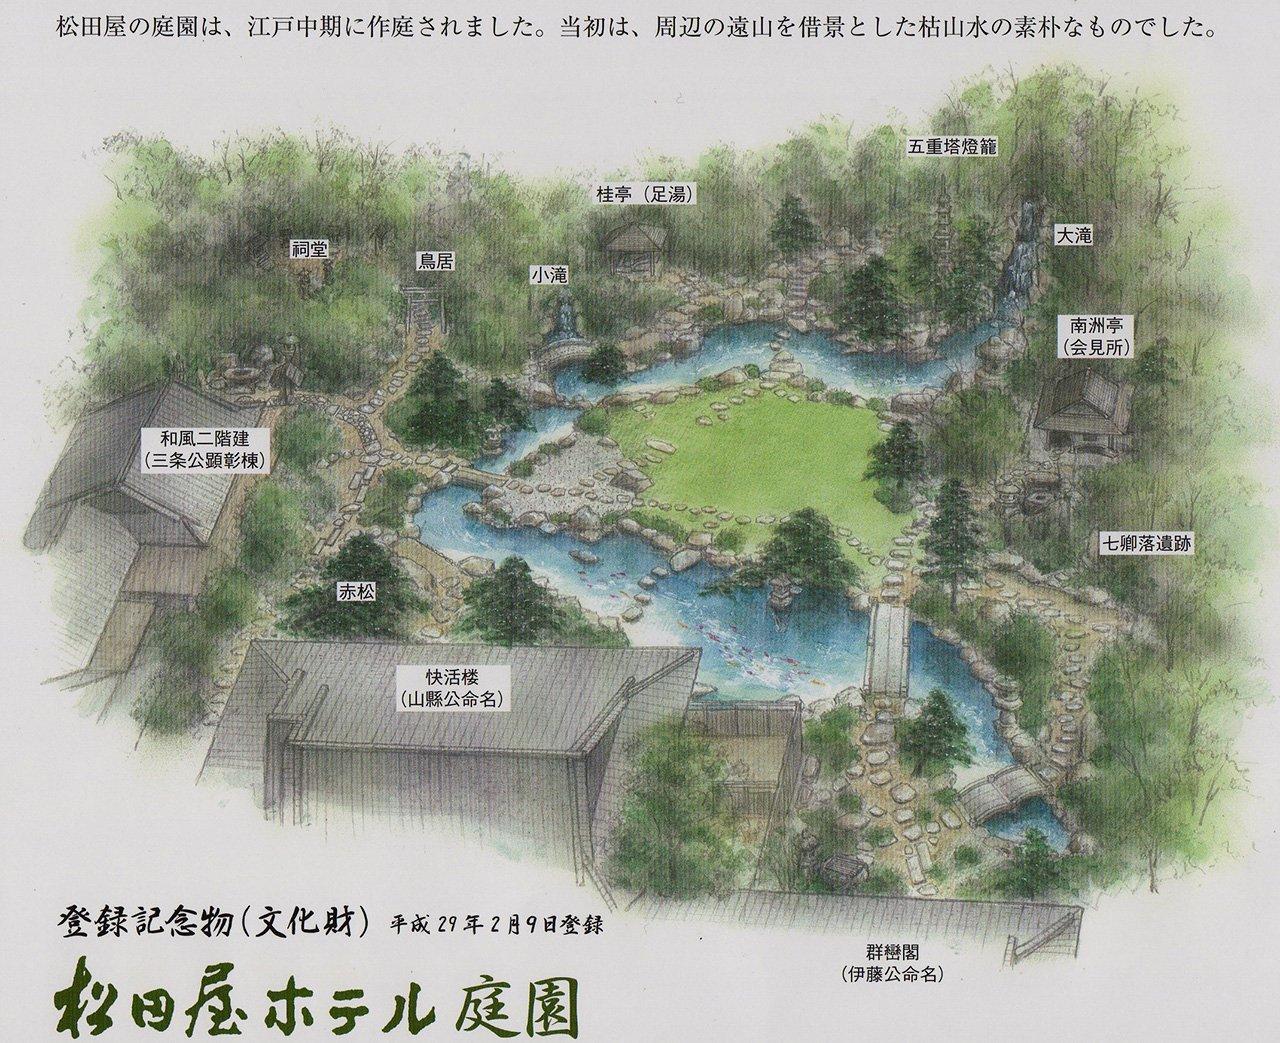 松田屋ホテル庭園(その2)_c0112559_08341282.jpg